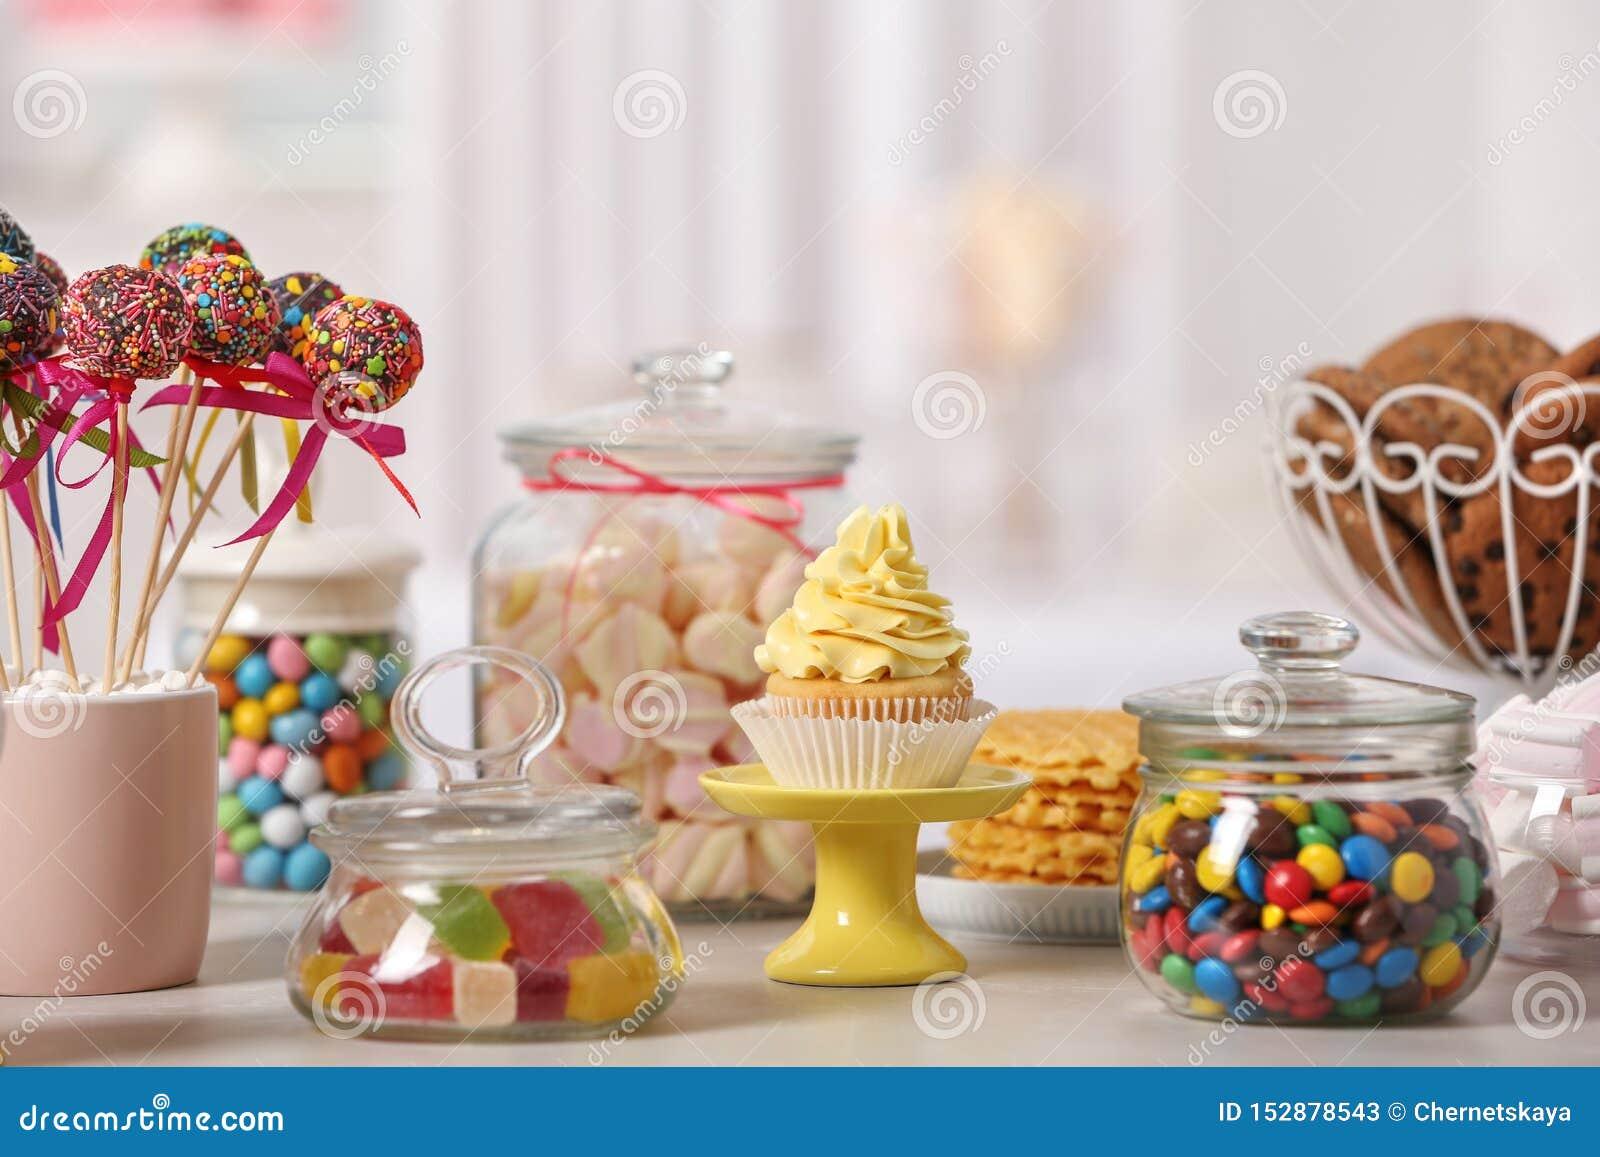 Godisstång med olika sötsaker på den vita tabellen